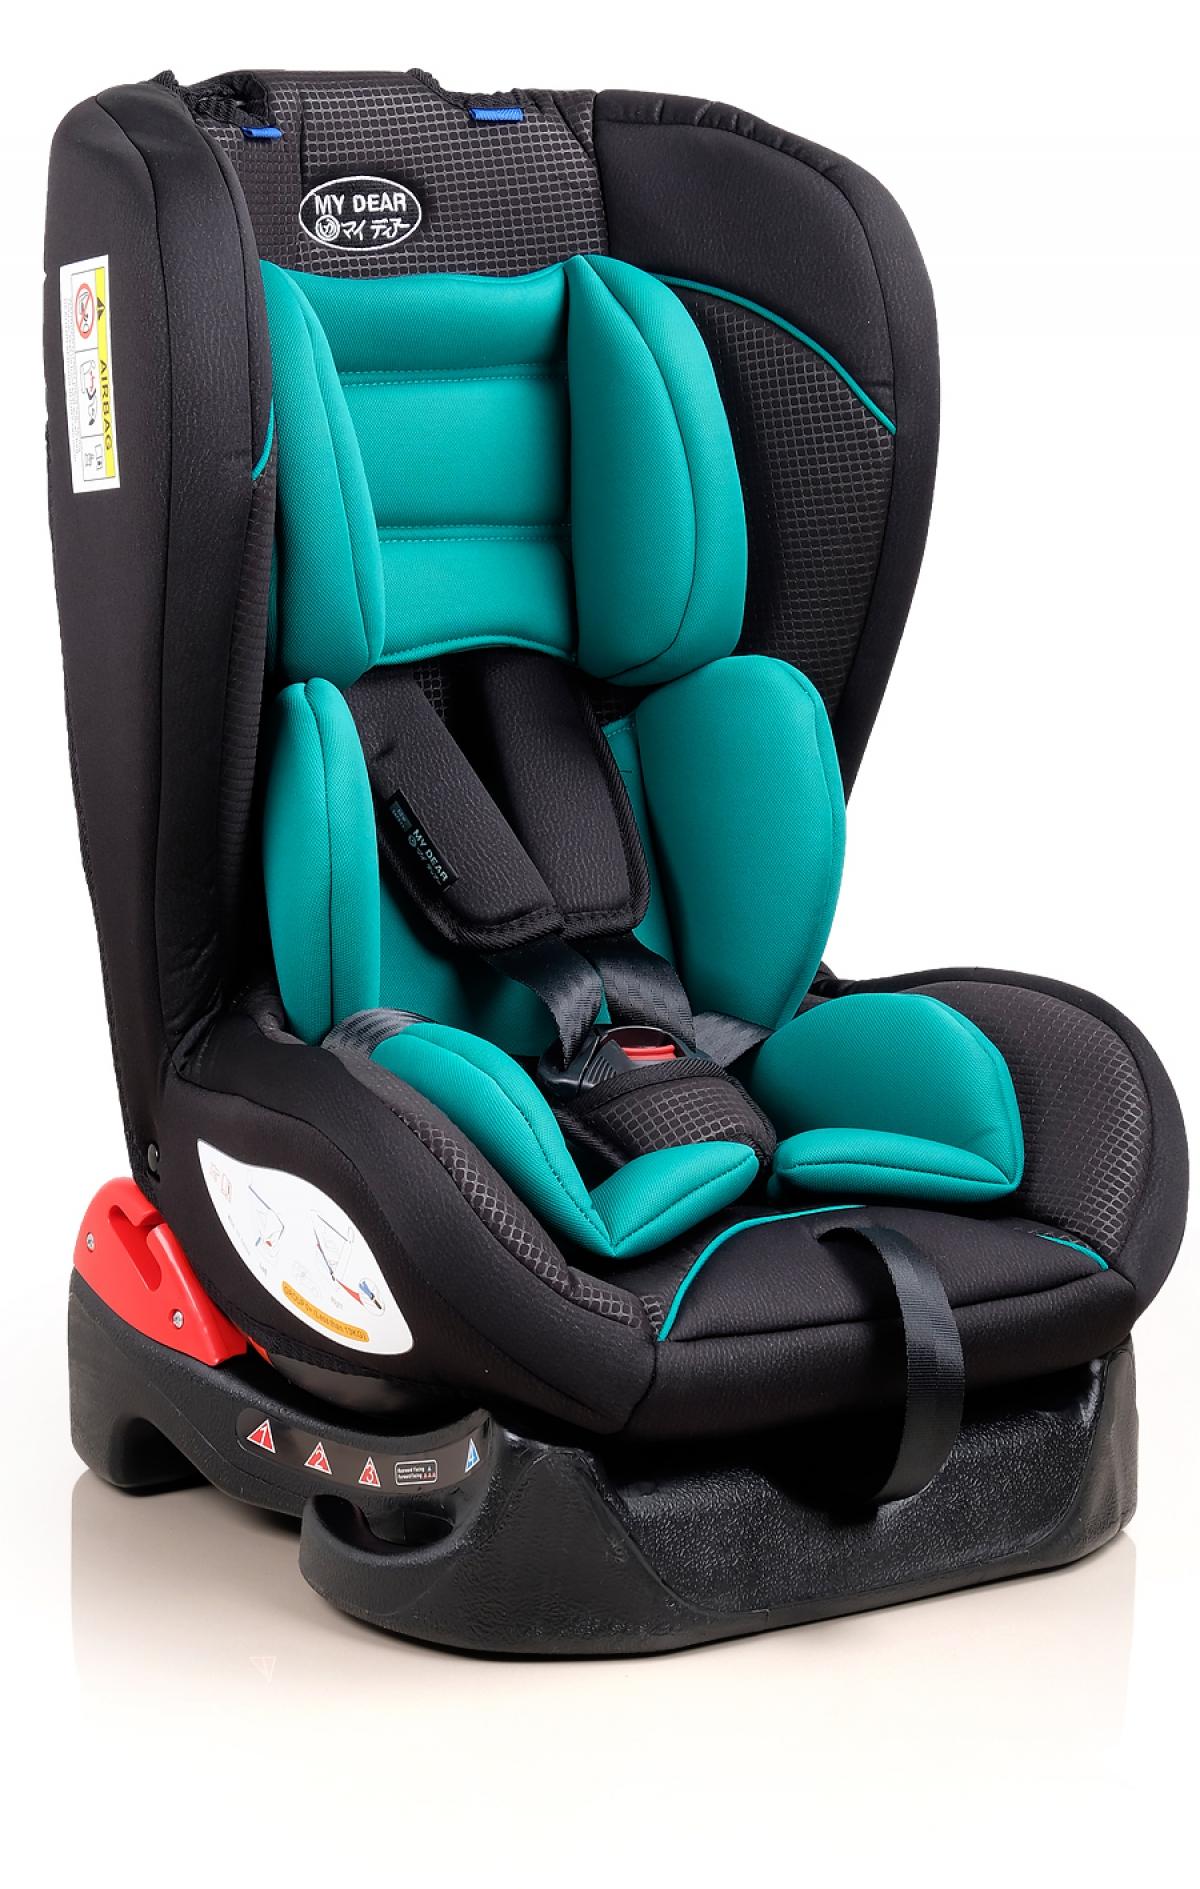 30013 Safety Car Seat - Baby Car Seat